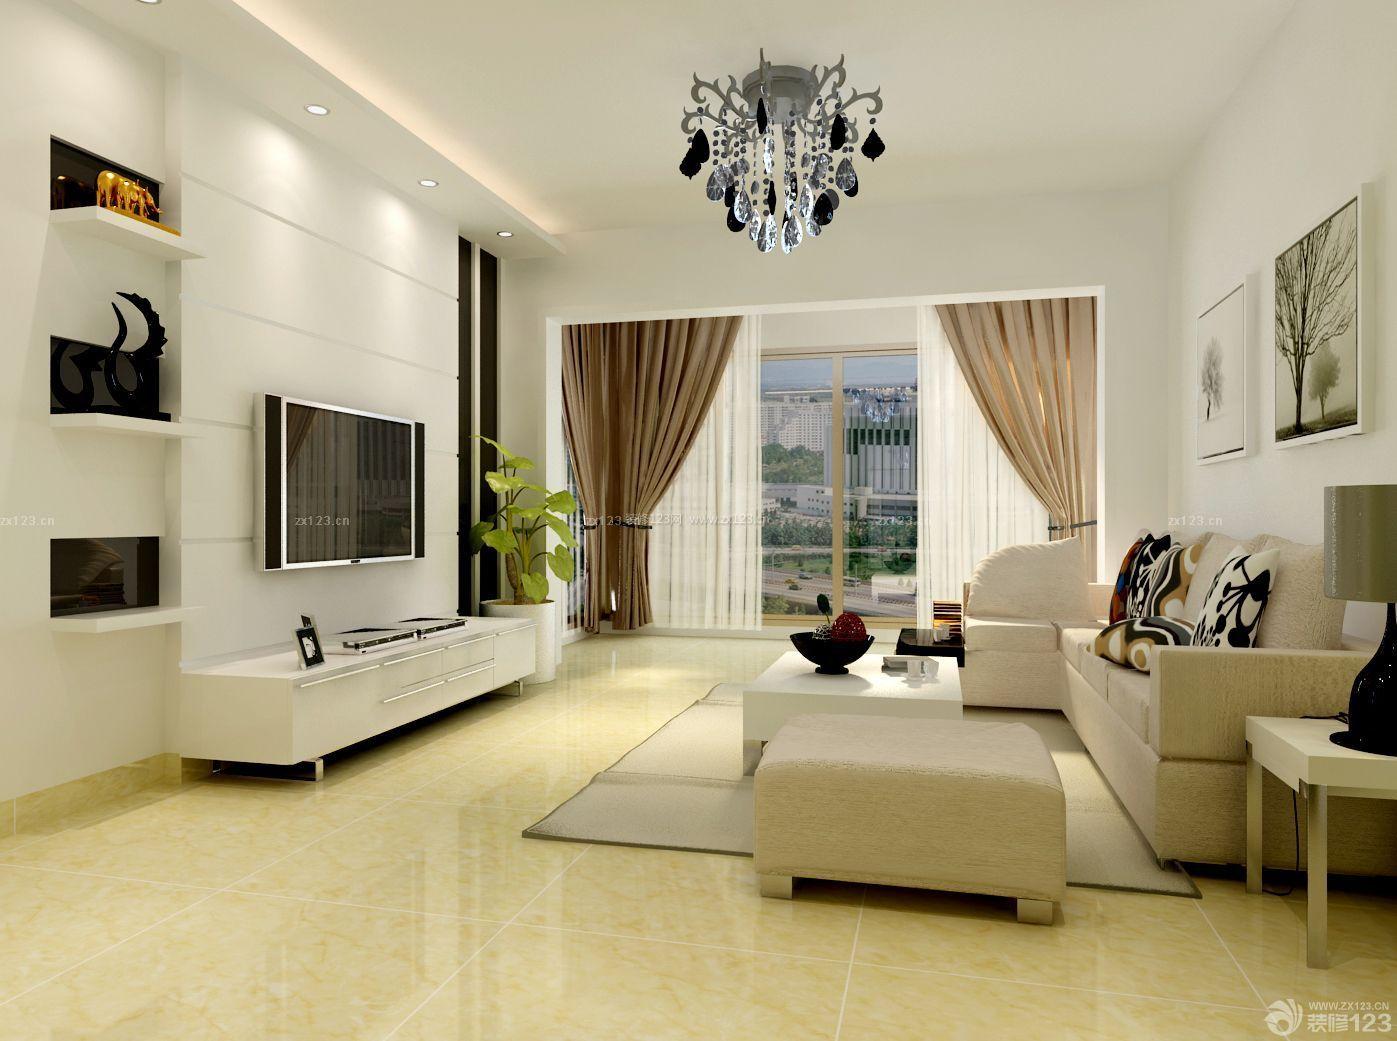 140平方米房屋现代室内装修效果图